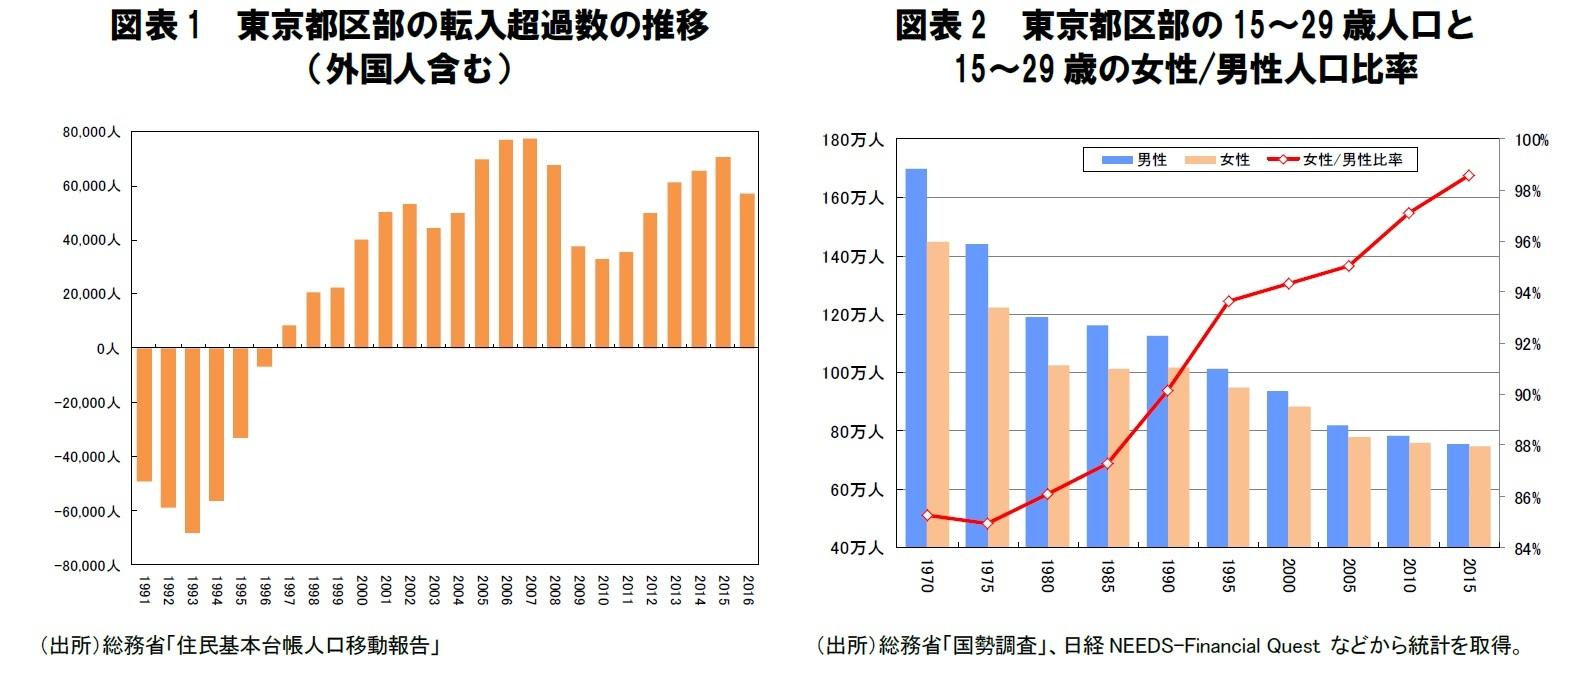 図表1 東京都区部の転入超過数の推移(外国人含む)/図表2 東京都区部の15~29歳人口と15~29歳の女性/男性人口比率